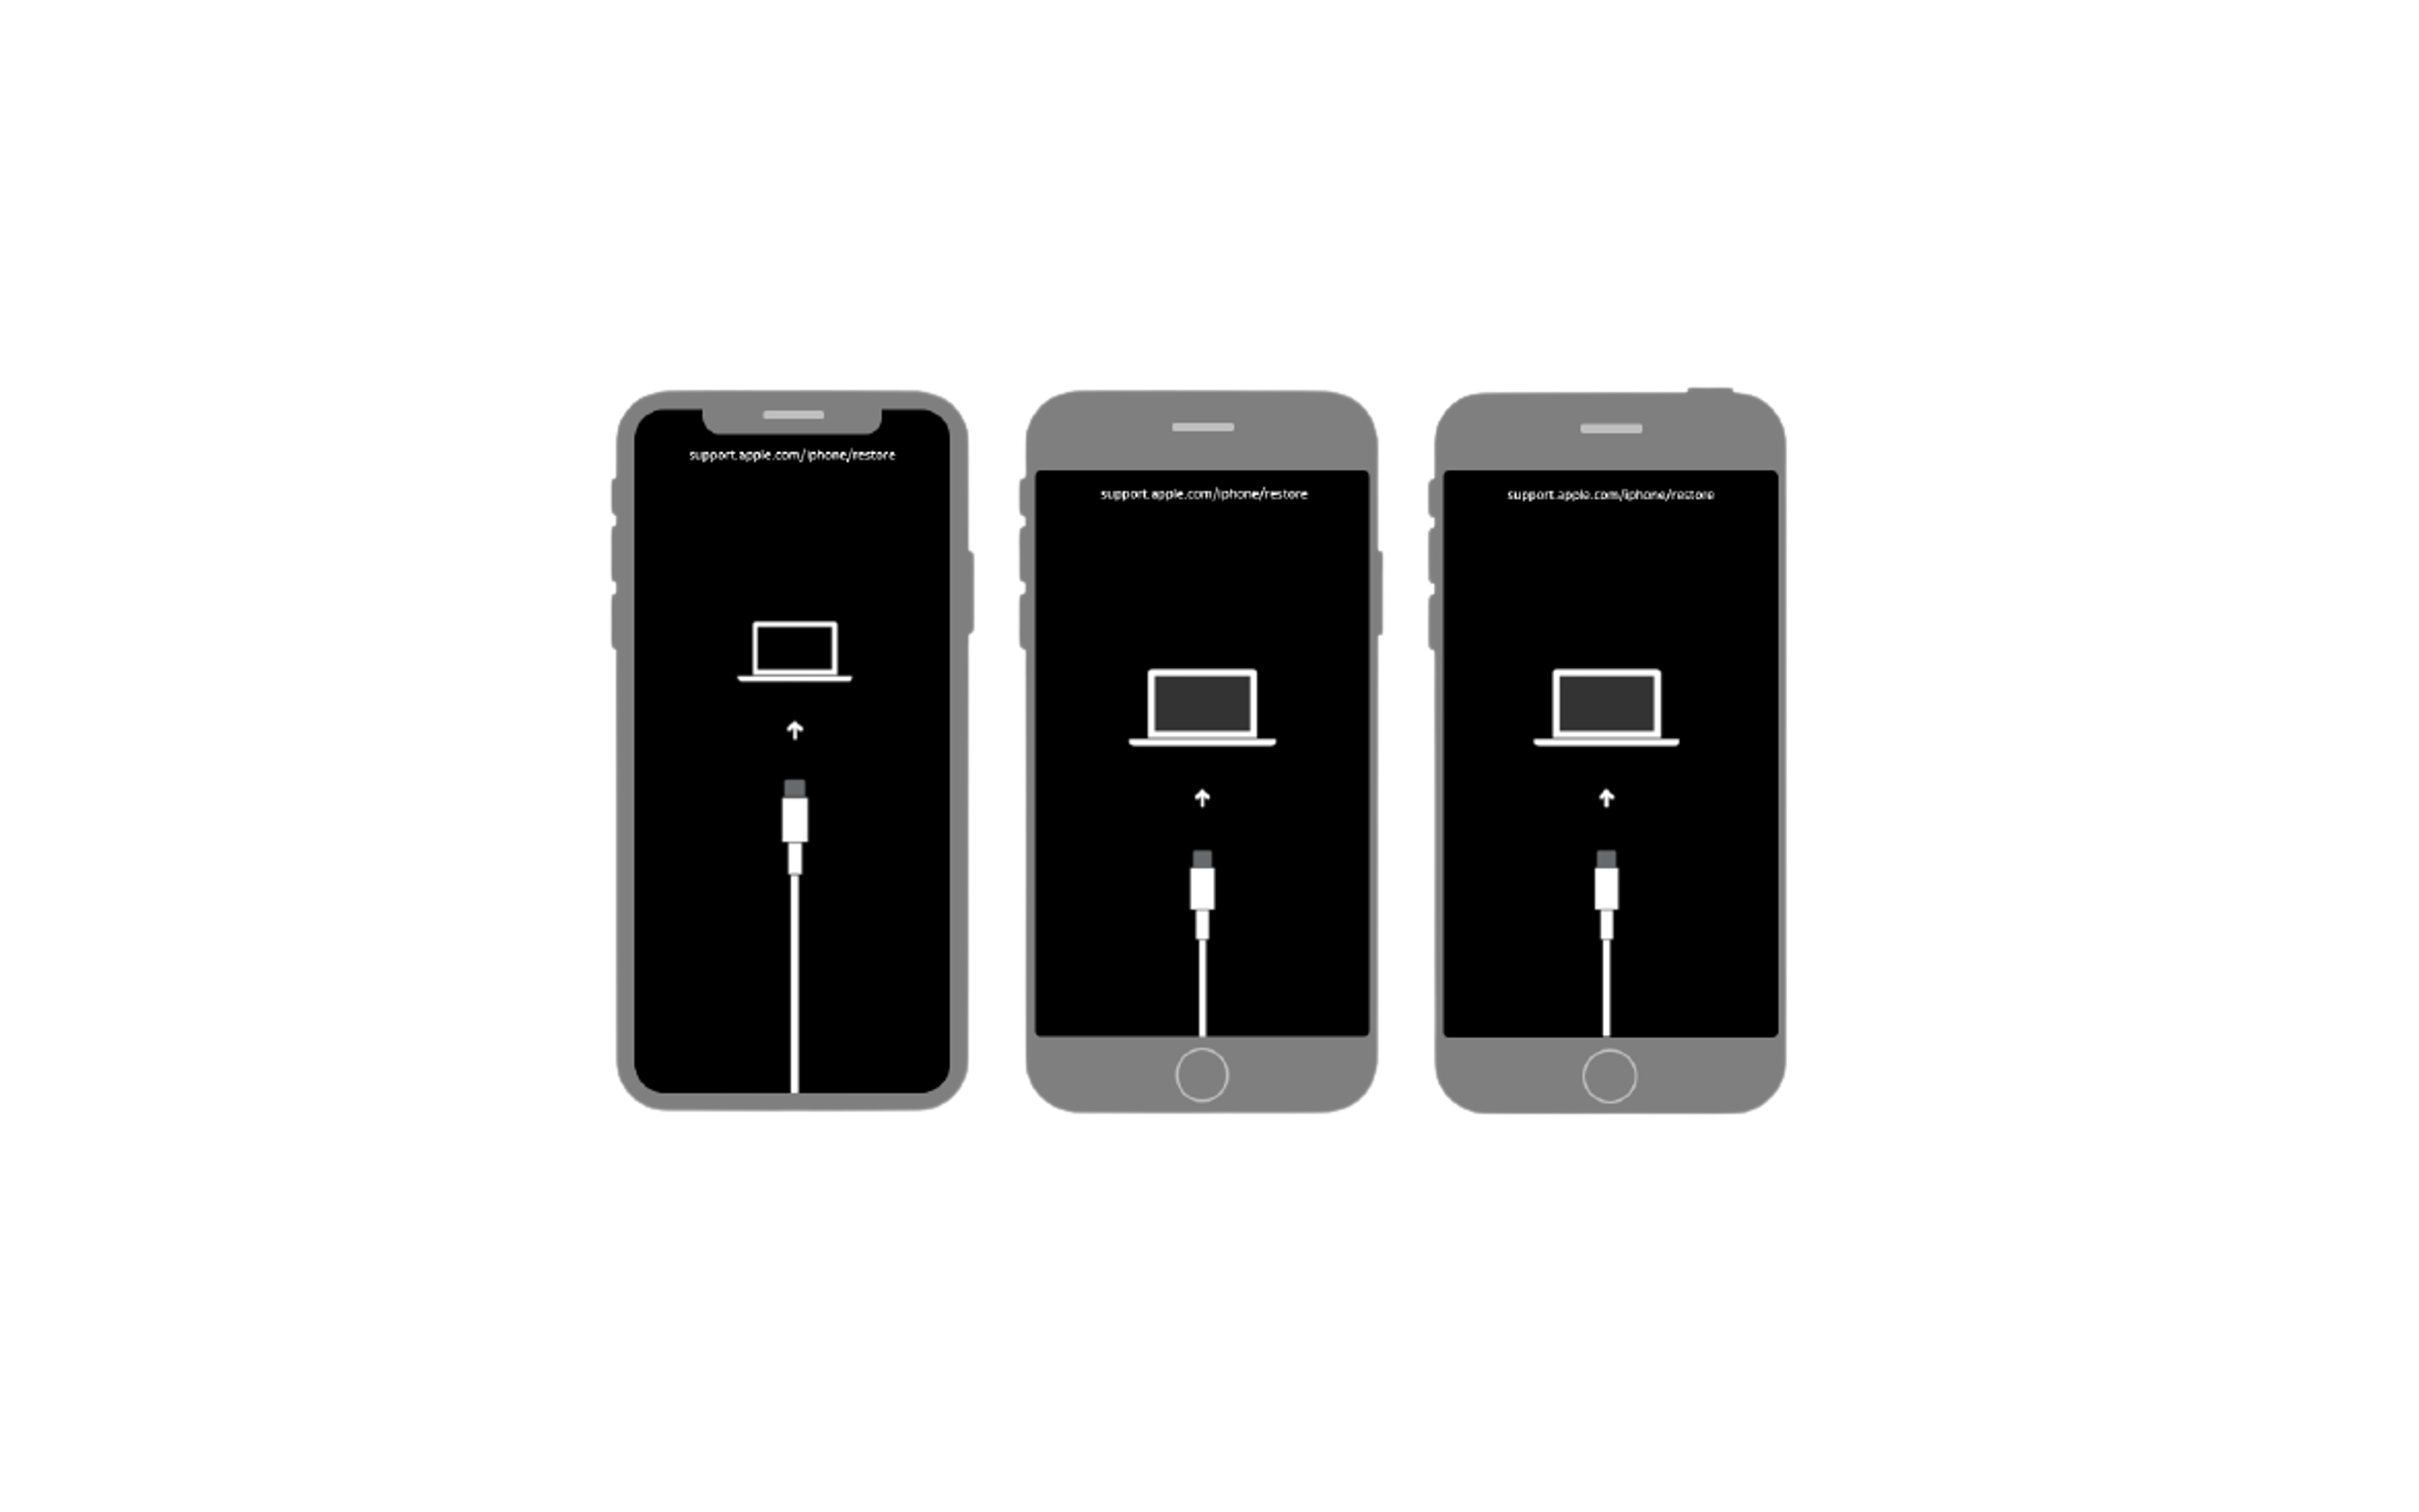 아이폰 복구모드 이미지